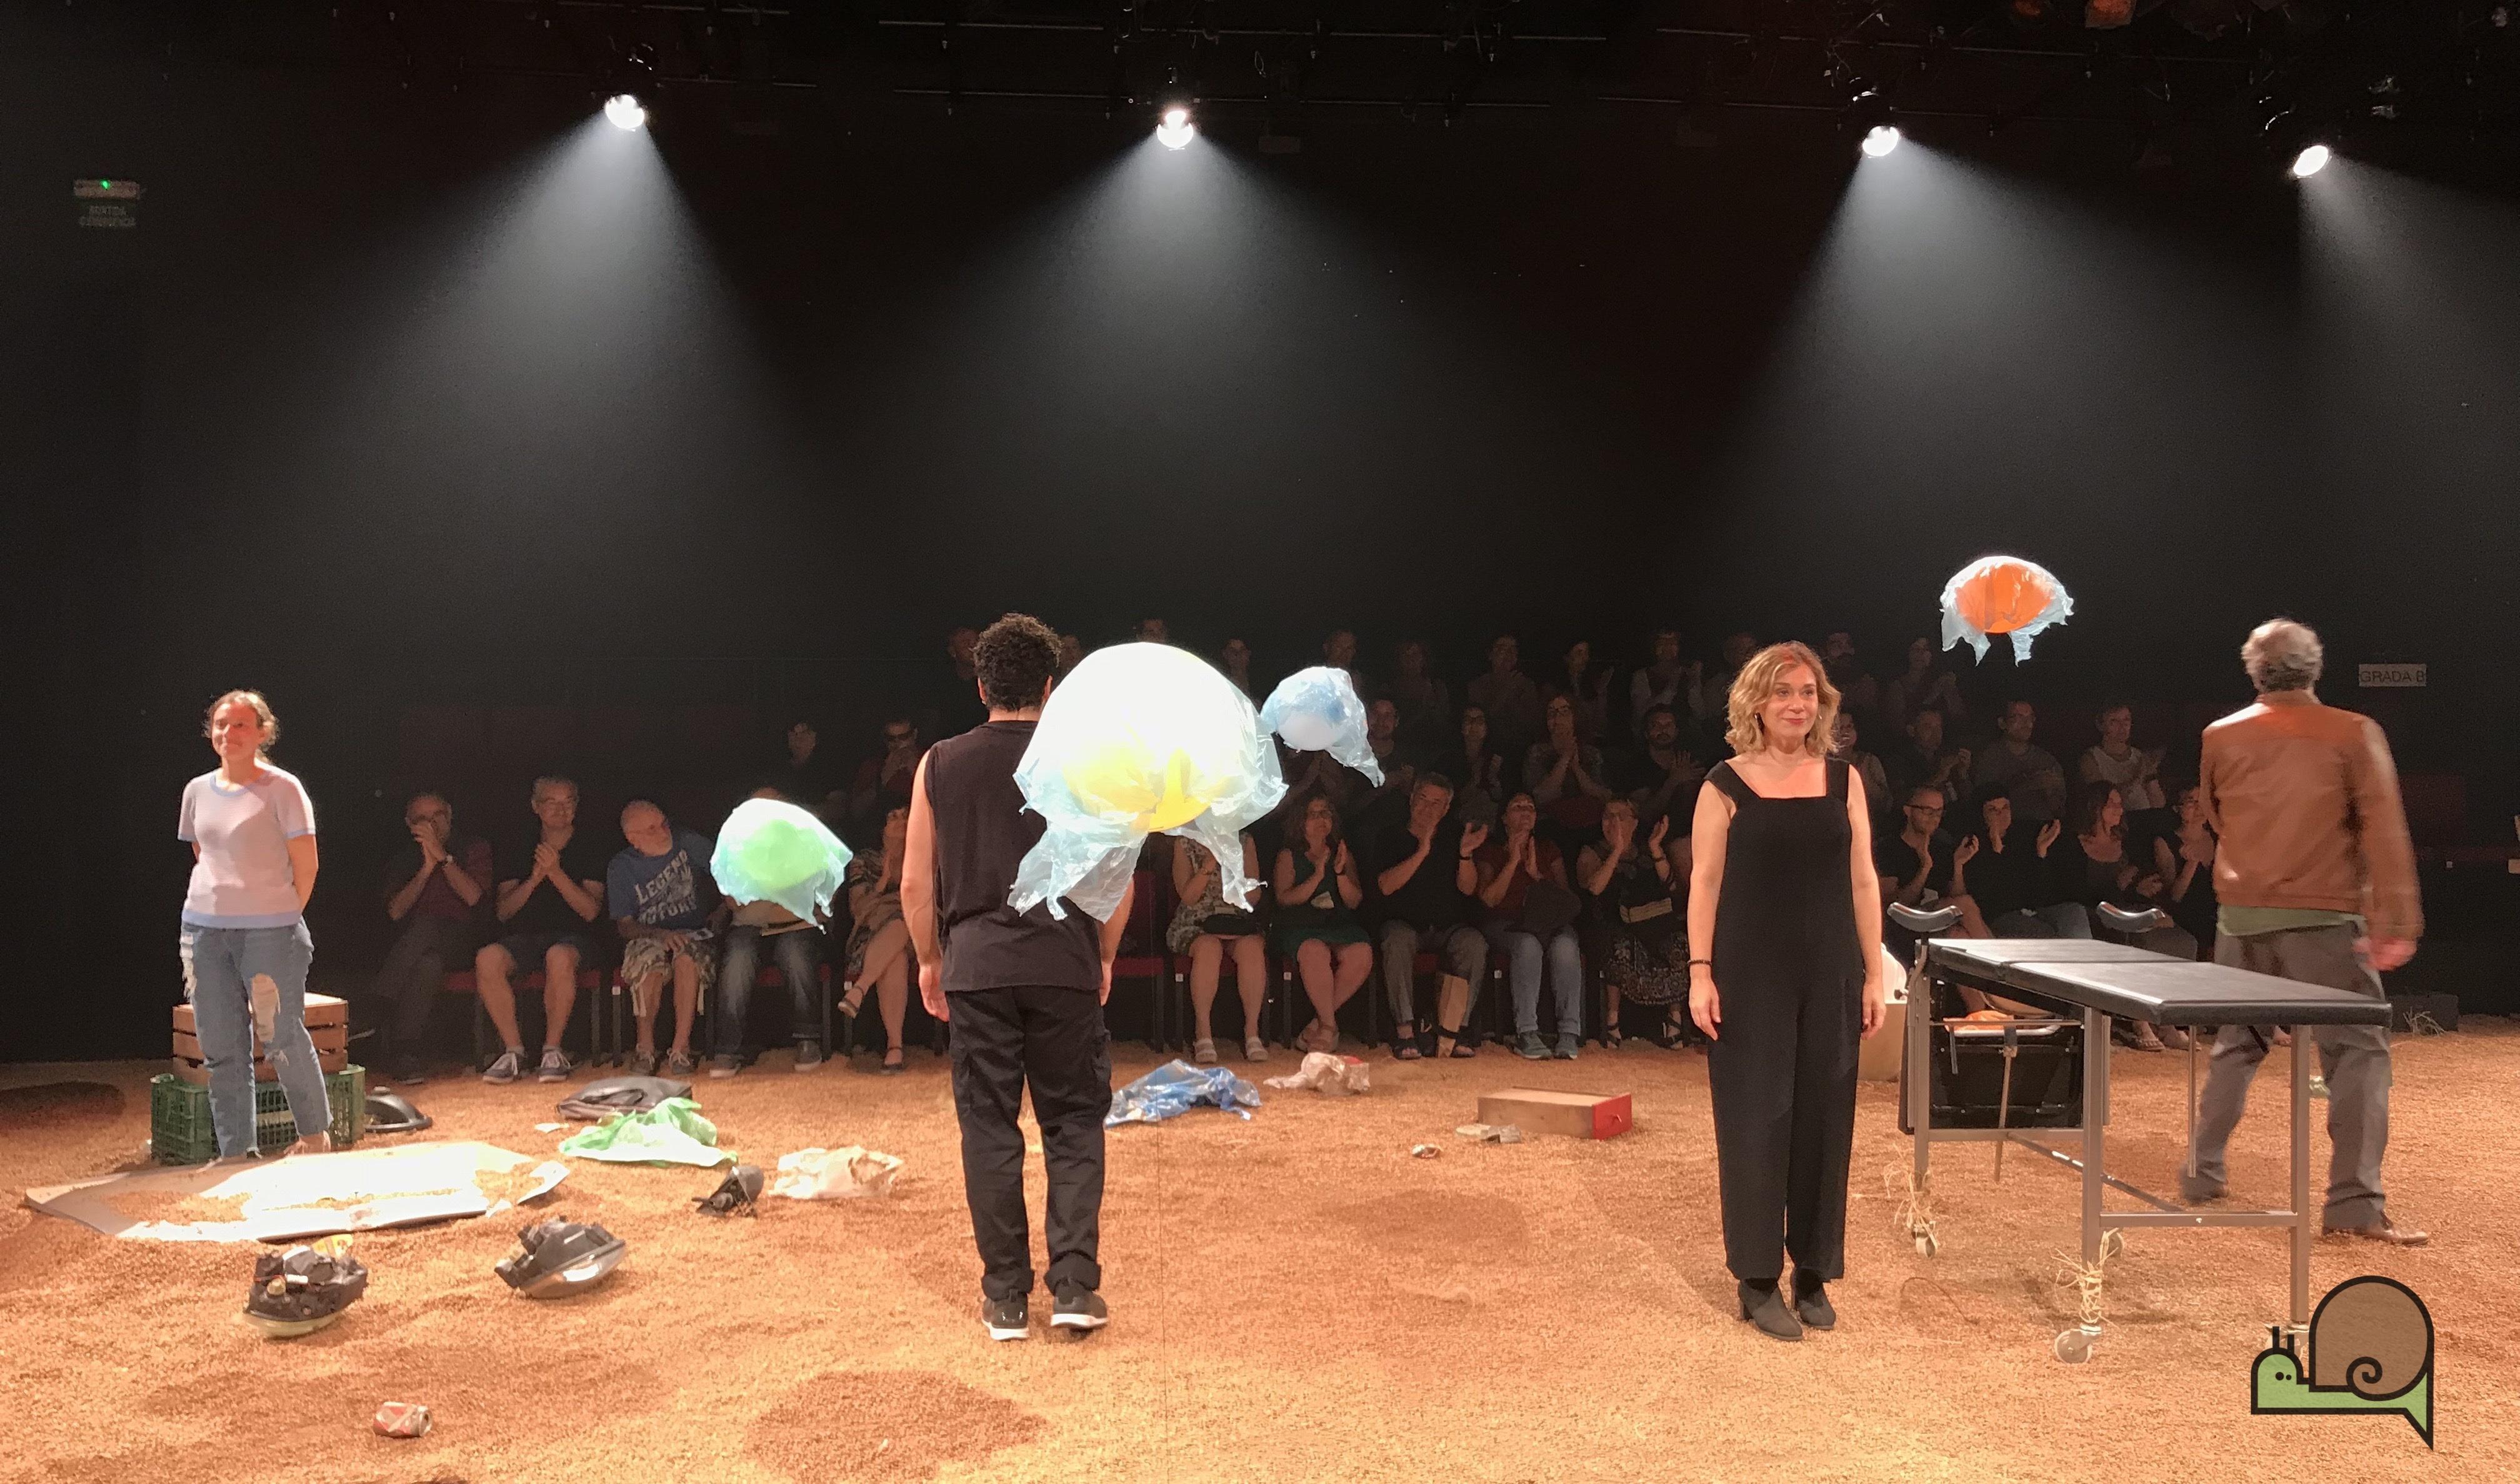 Festival Grec 2018 Teatre Una Gossa En Un Descampat Sala Beckett 2018 07 01 Temp 17 18 Espectacle Nº 333